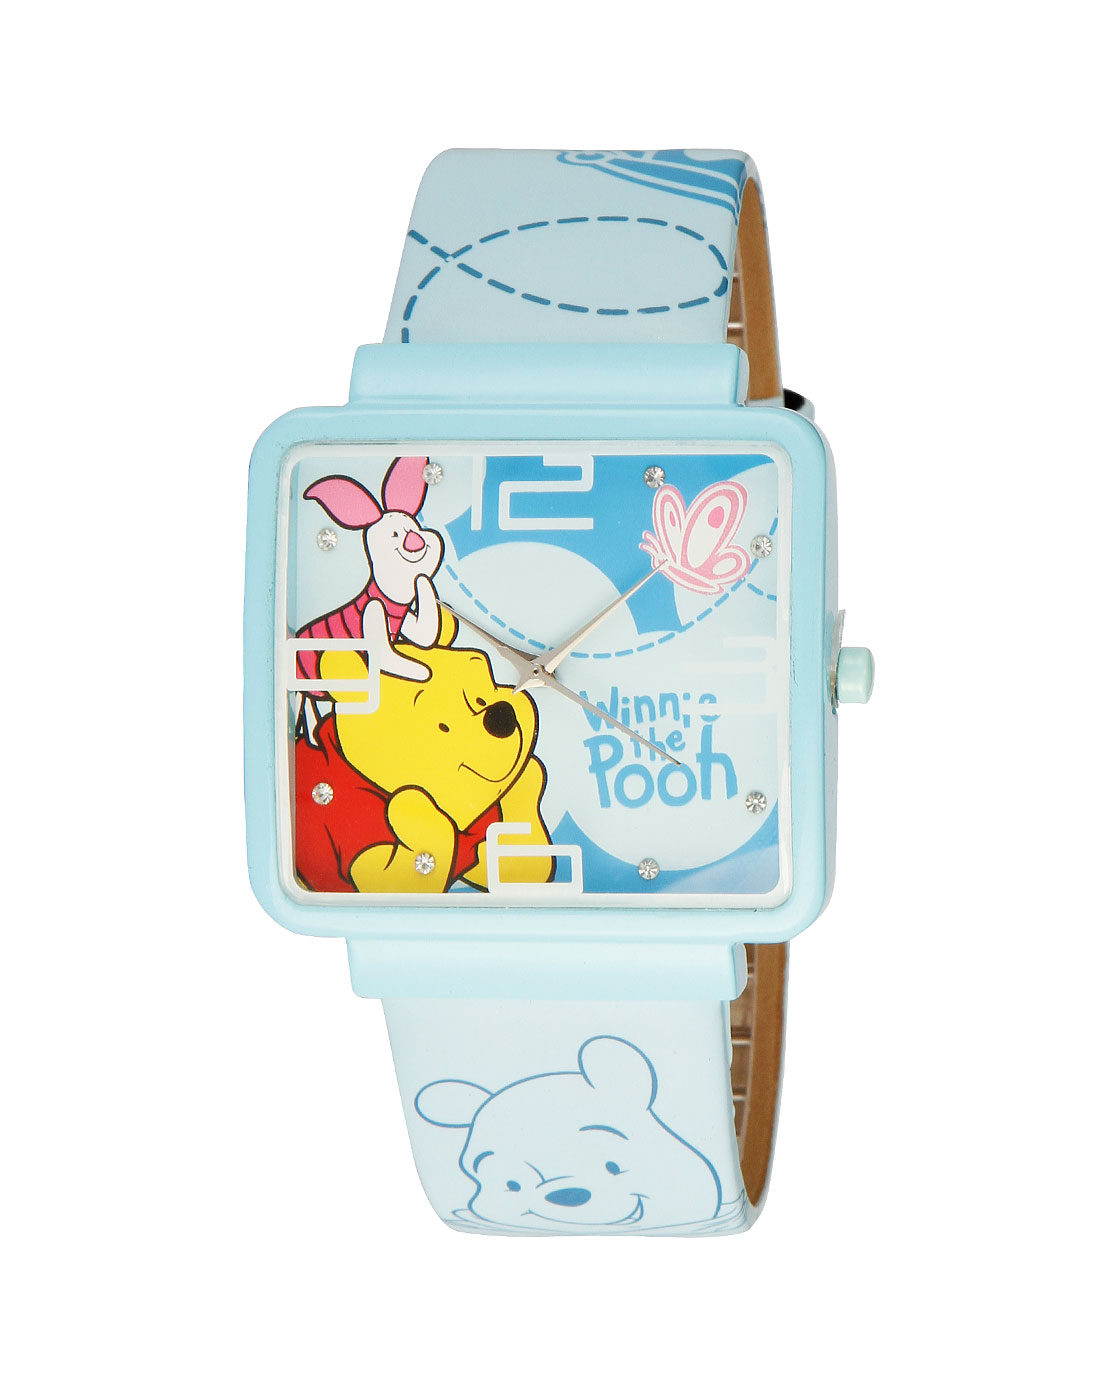 迪斯尼儿童手表手机